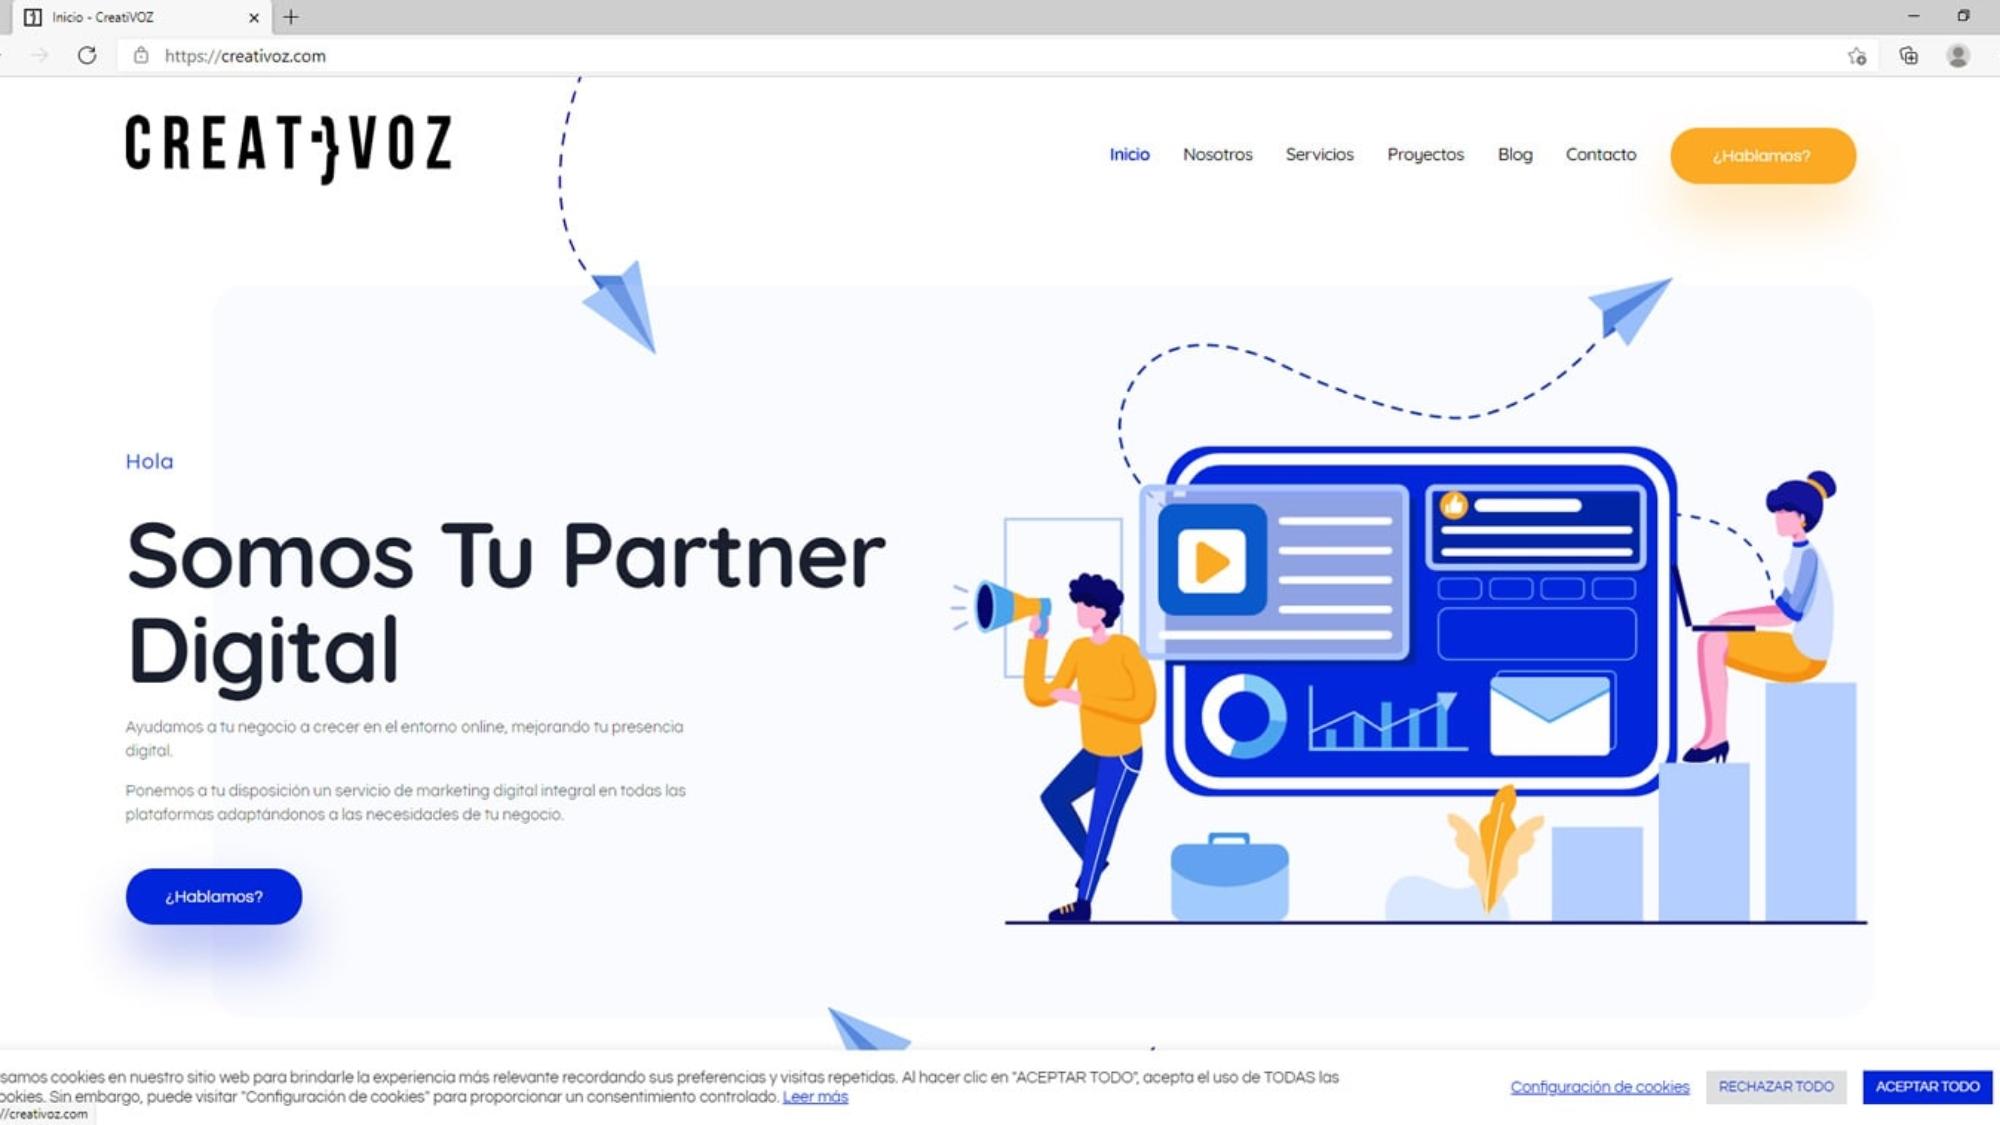 web creativoz.com